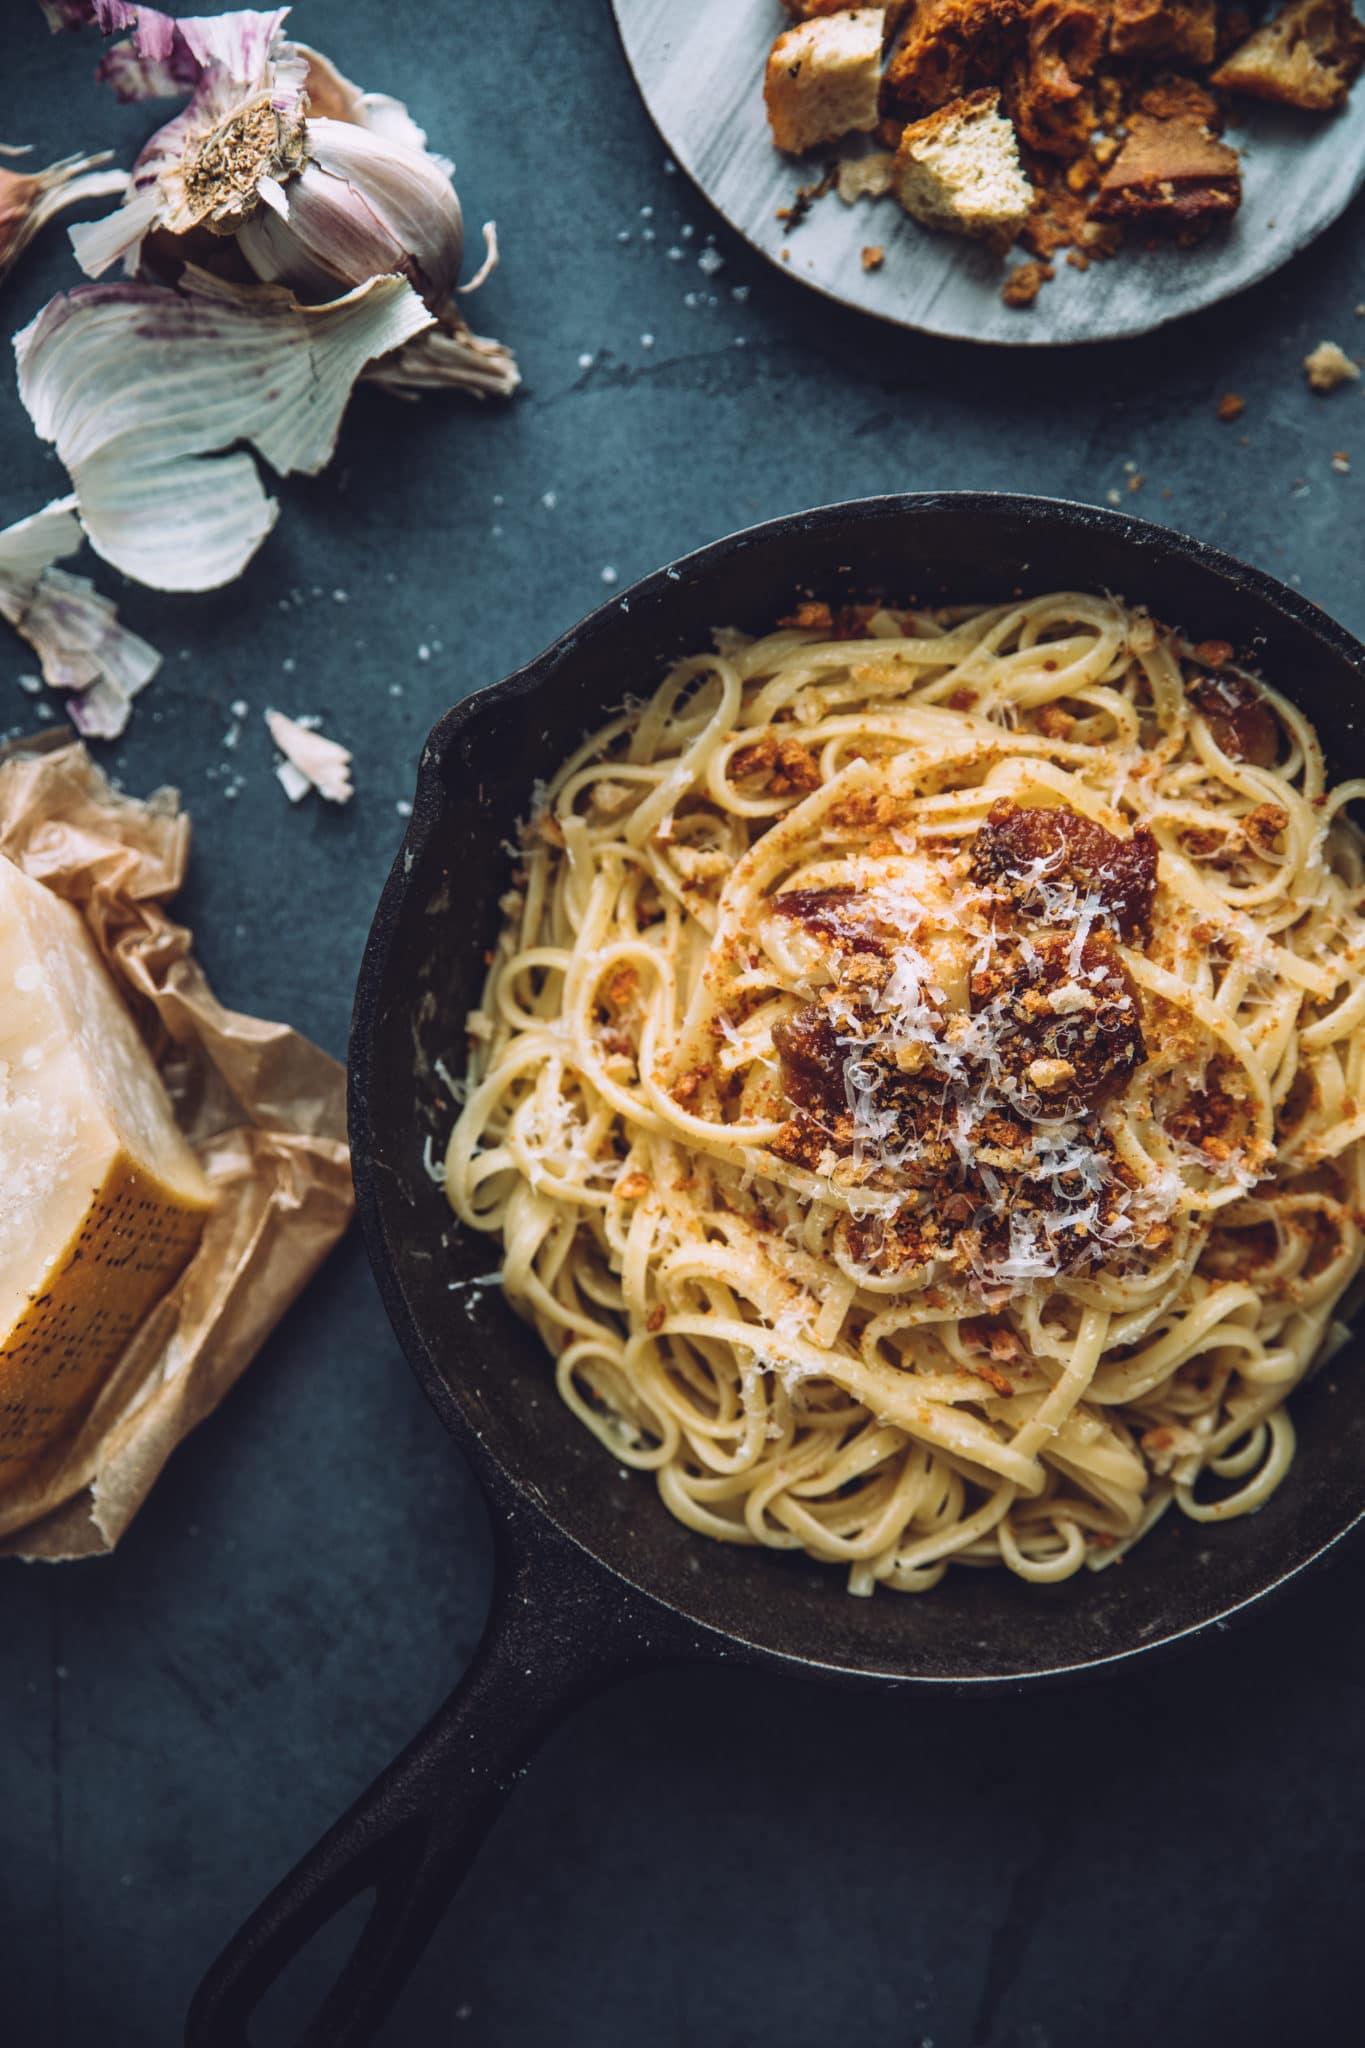 Styliste culinaire Lyon Garofalo Mégane Ardérighi